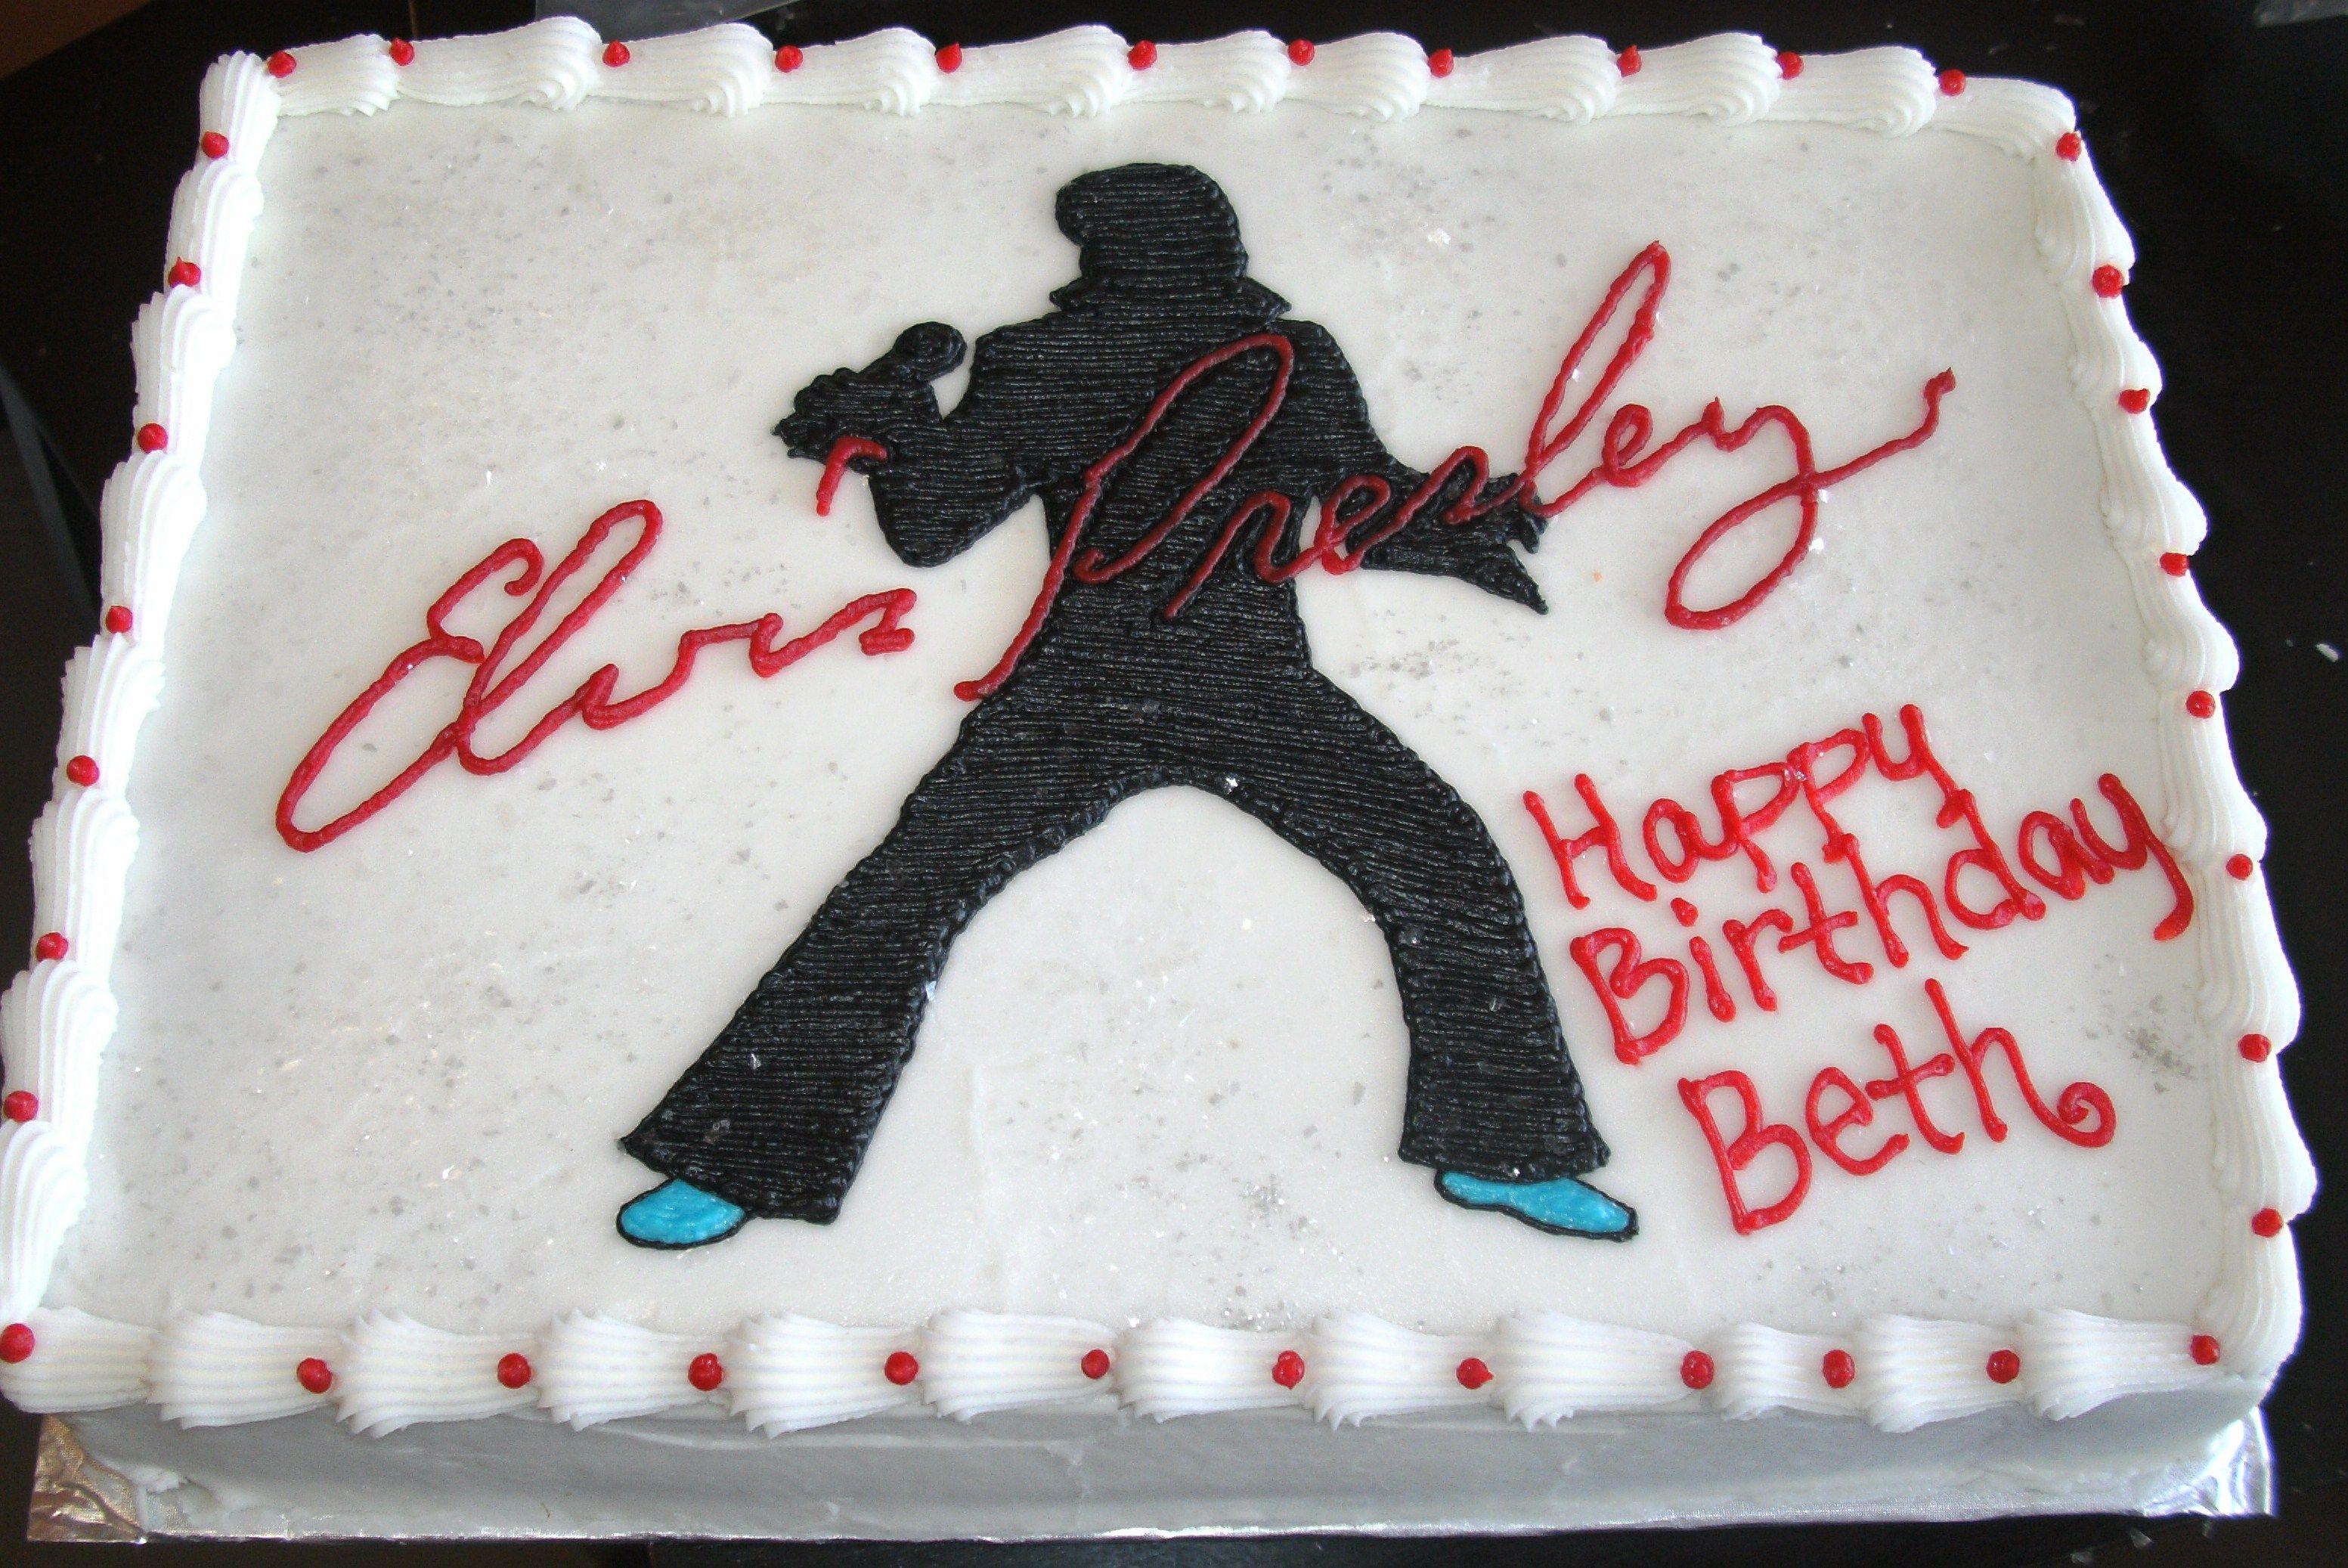 Elvis Presley Birthday Cake For Elvis Fan Cakes Pinterest